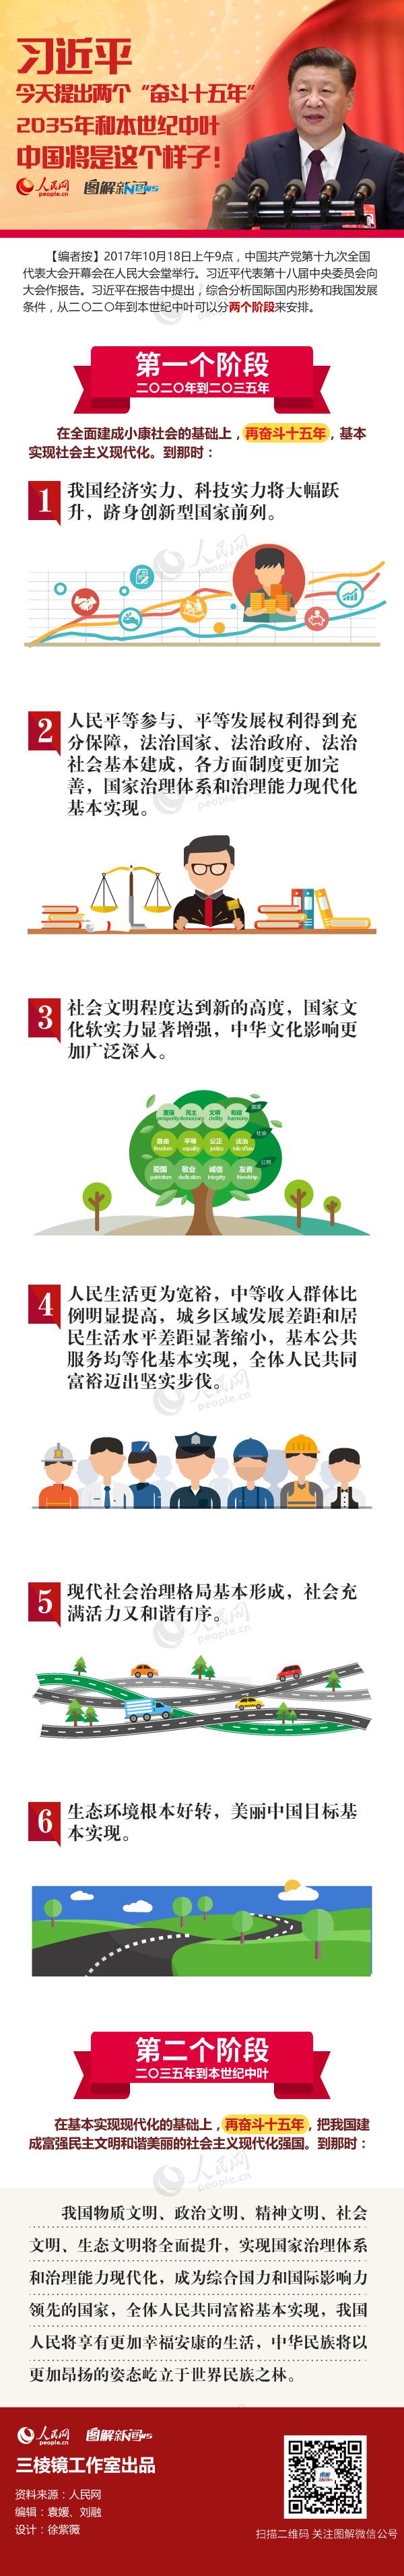 """2018国考申论热点之十九大:习近平今天提出两个""""奋斗十五年""""2035年和本世纪中叶中国将是这个样子!"""